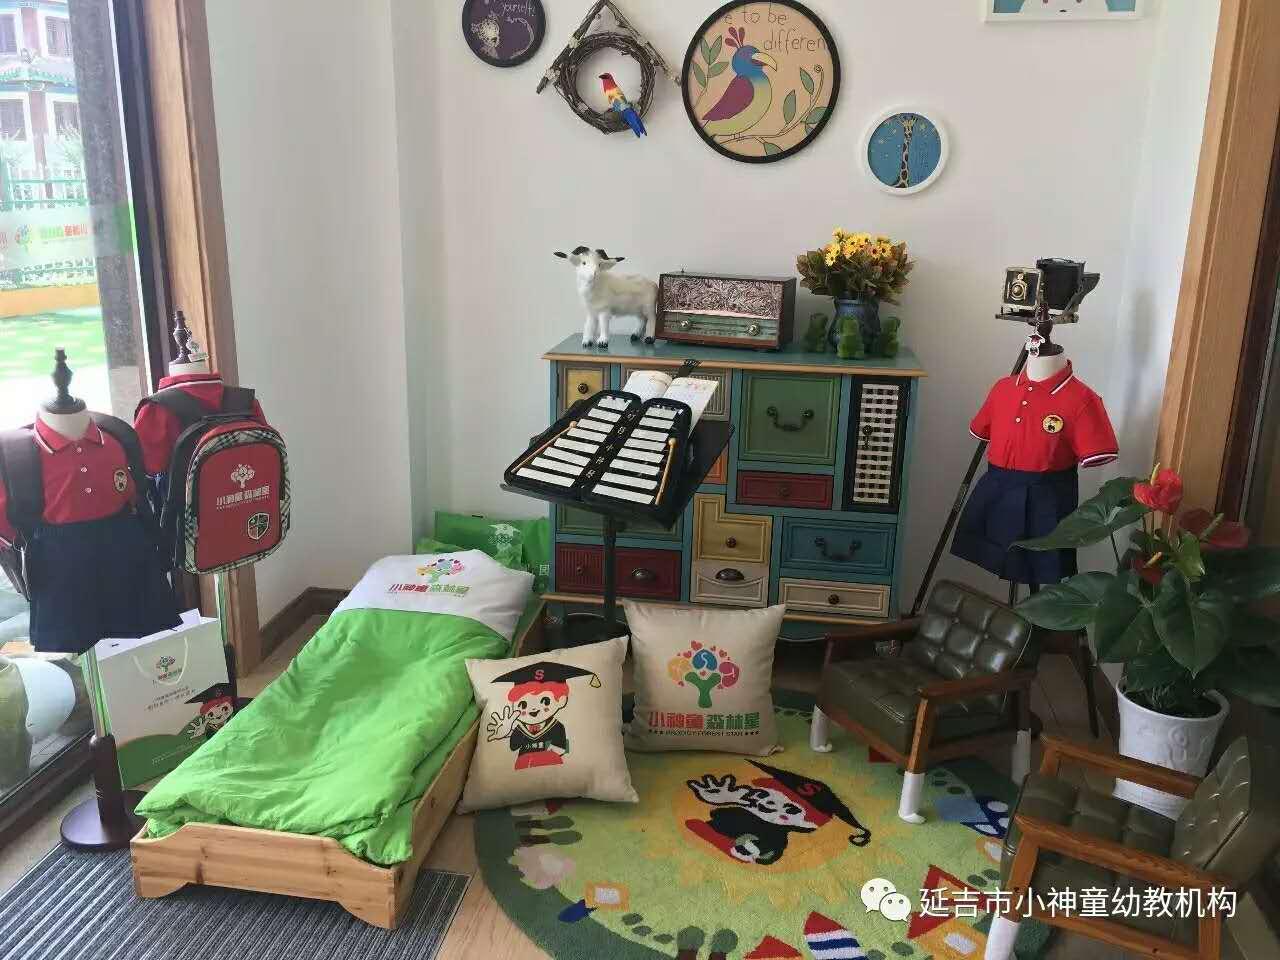 新闻客户端  设施配备 幼儿园配有木工房, 陶艺室,戏沙区, 染房,动物